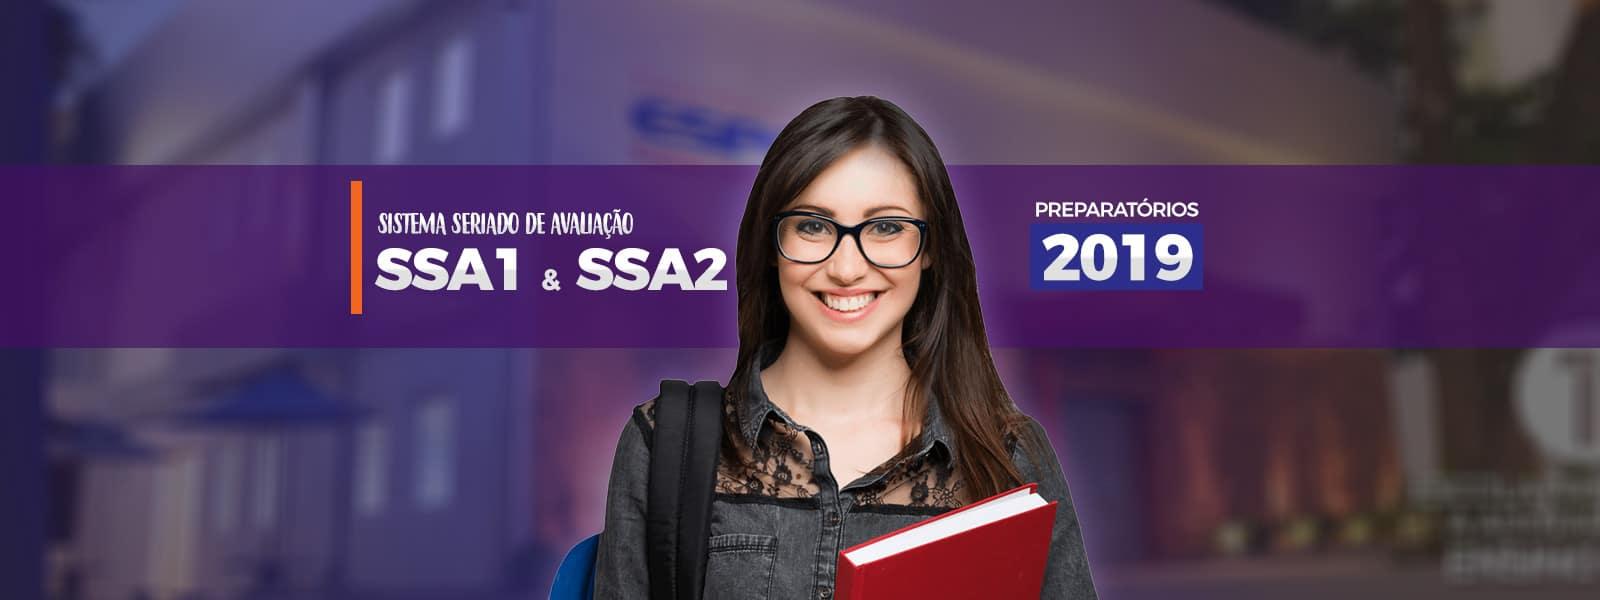 slidersite-SSA1E2